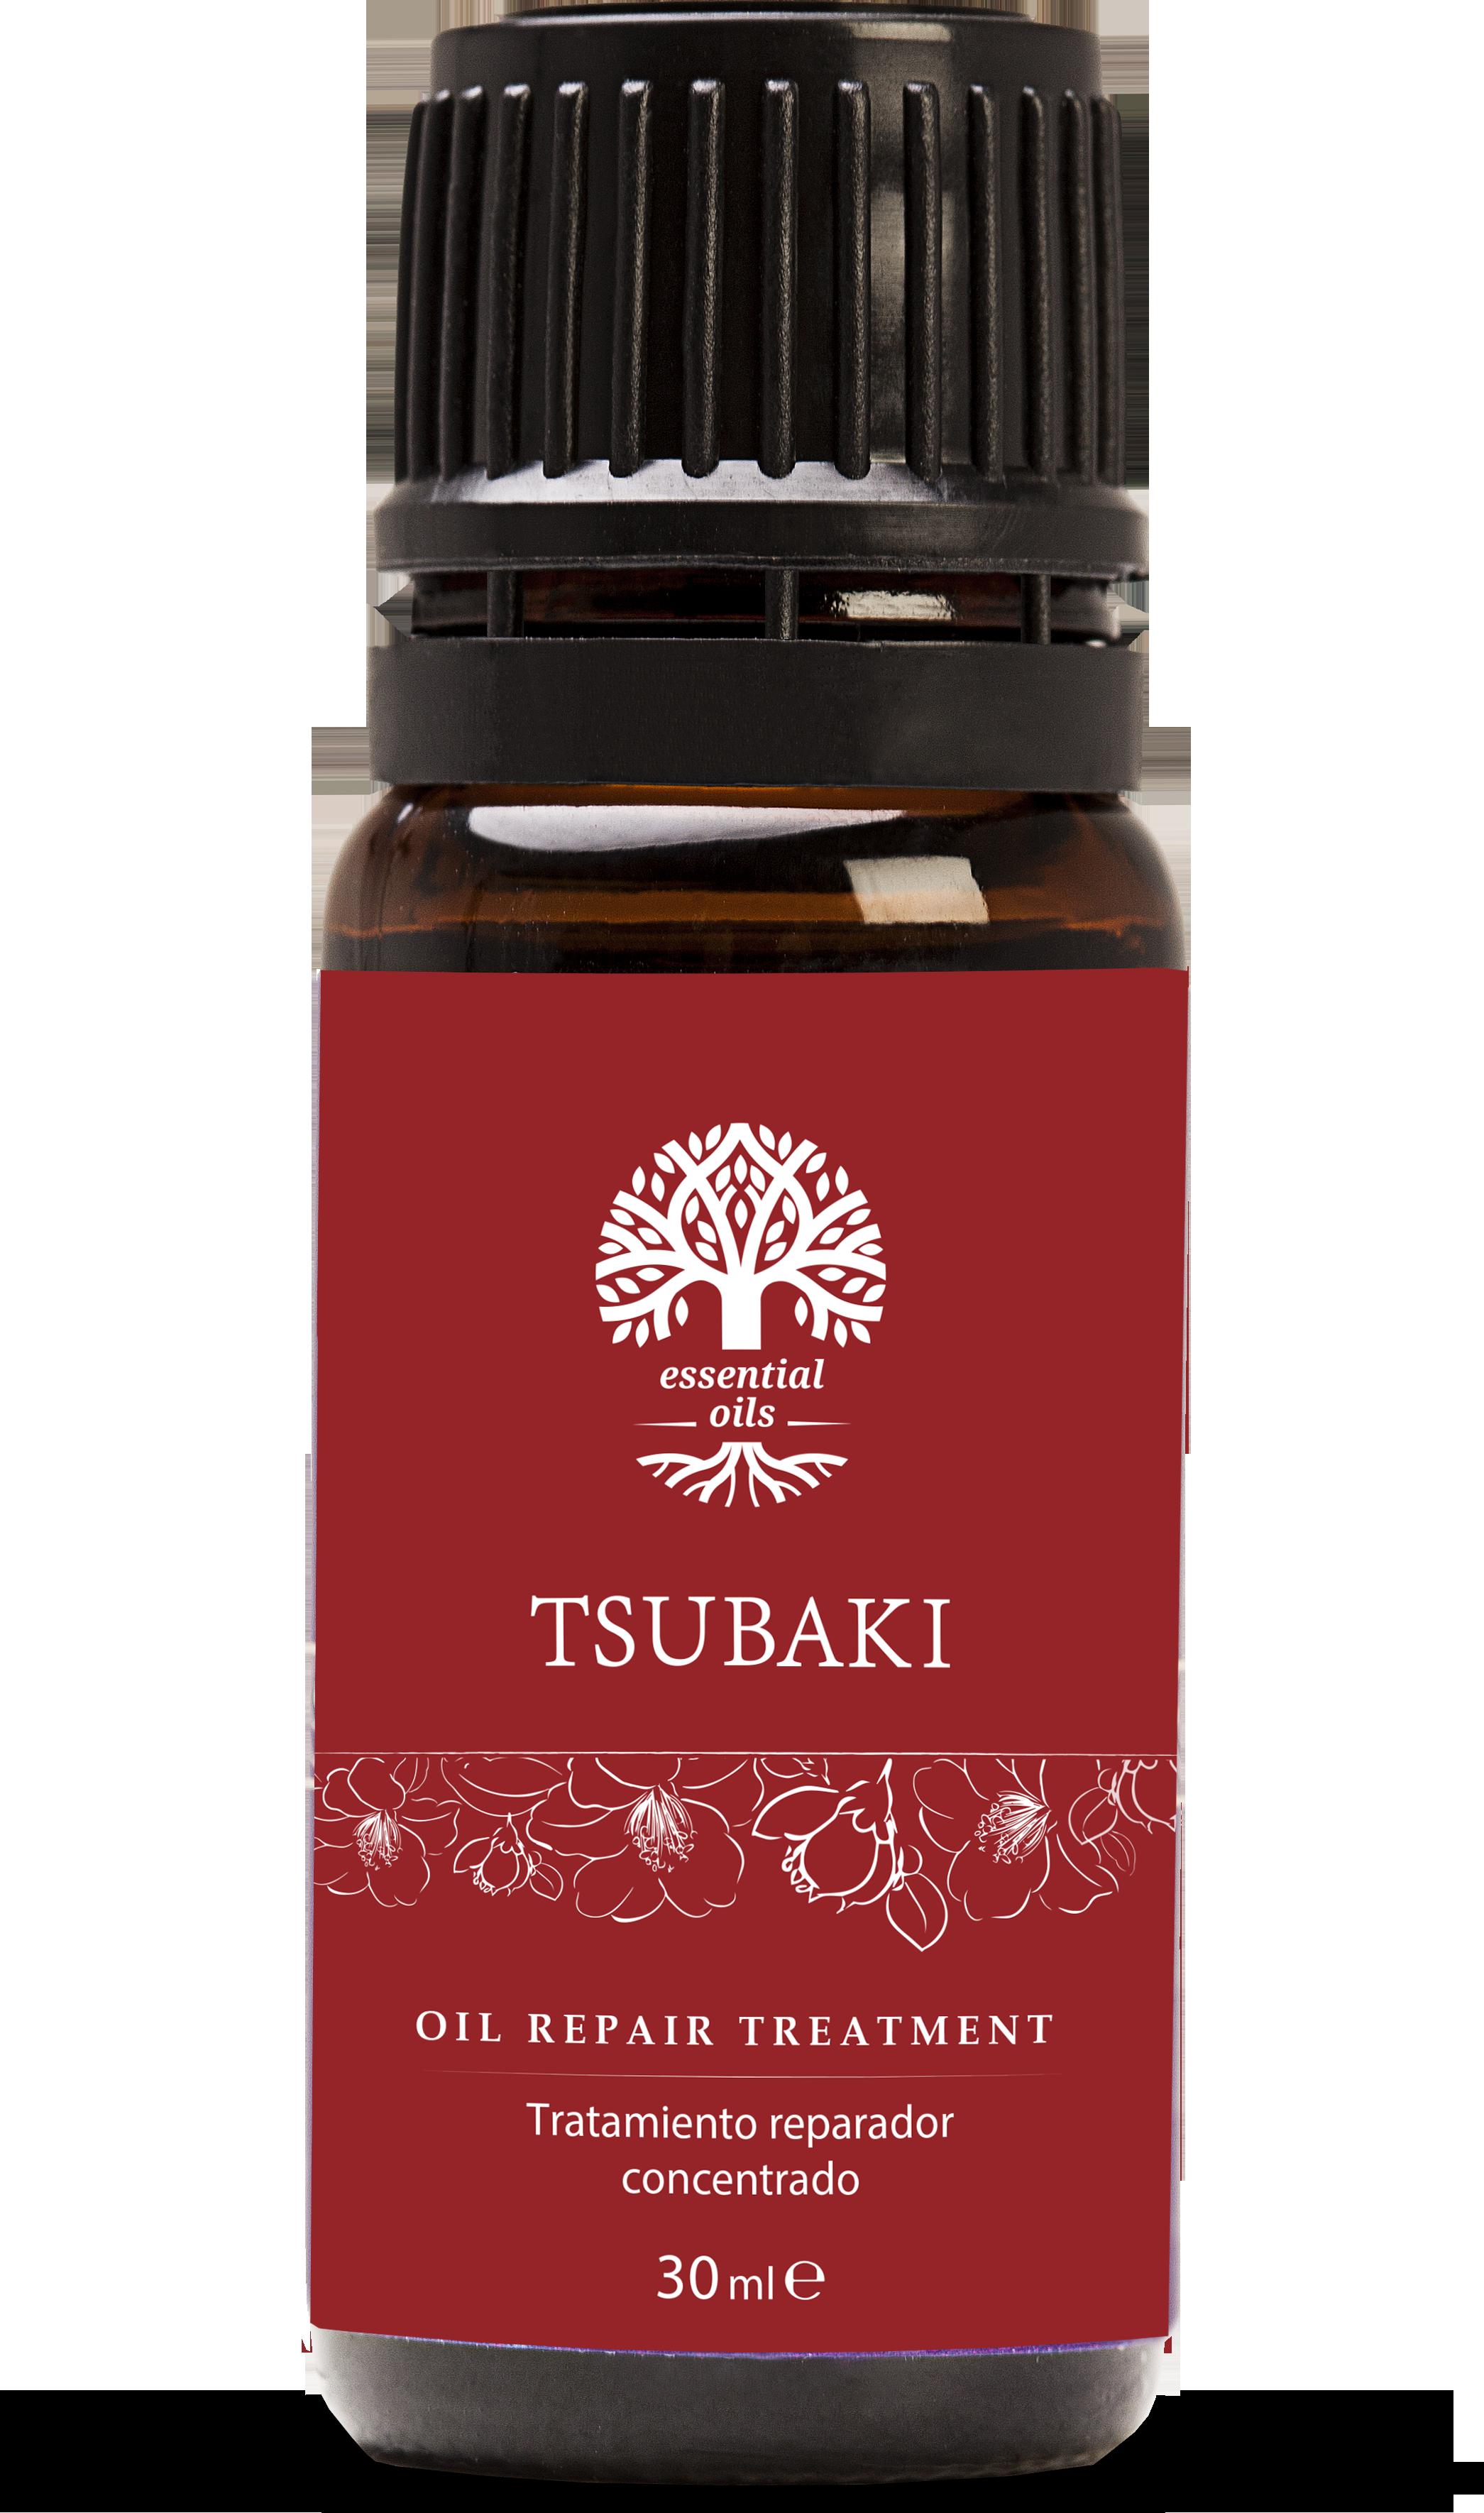 El aceite de semilla de camelia puede aplicarse tanto con pelo húmedo como  seco y al utilizarlo en conjunto con los productos Tsubaki de GA. 368fe16fe27f